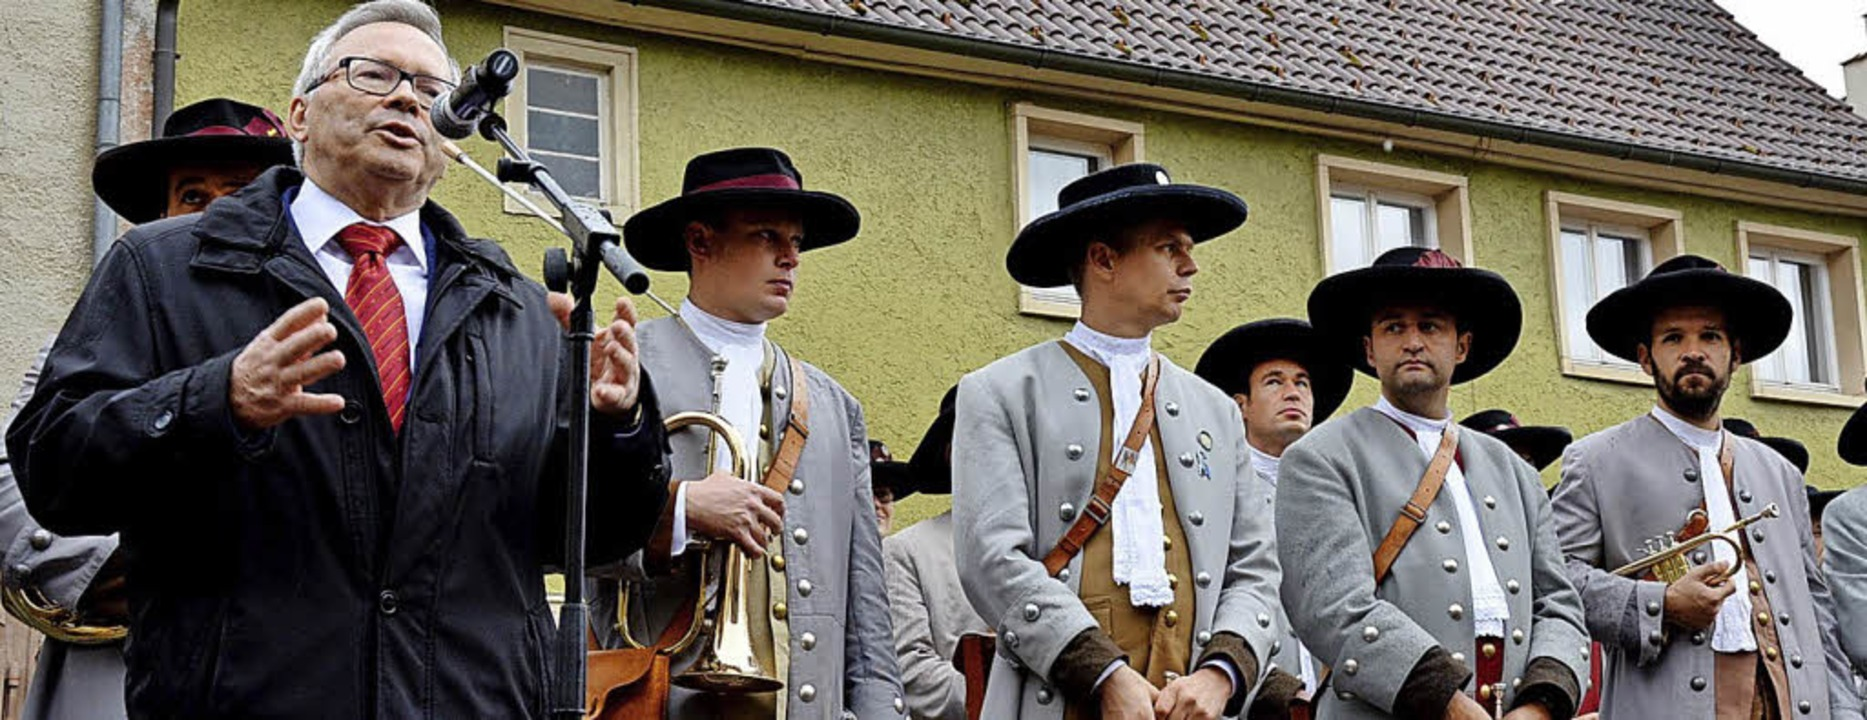 Umrahmt von der Stadtmusik begrüßt  Jü...cher am Kilbigmontag vor dem Rathaus.   | Foto: Manfred Beathalter